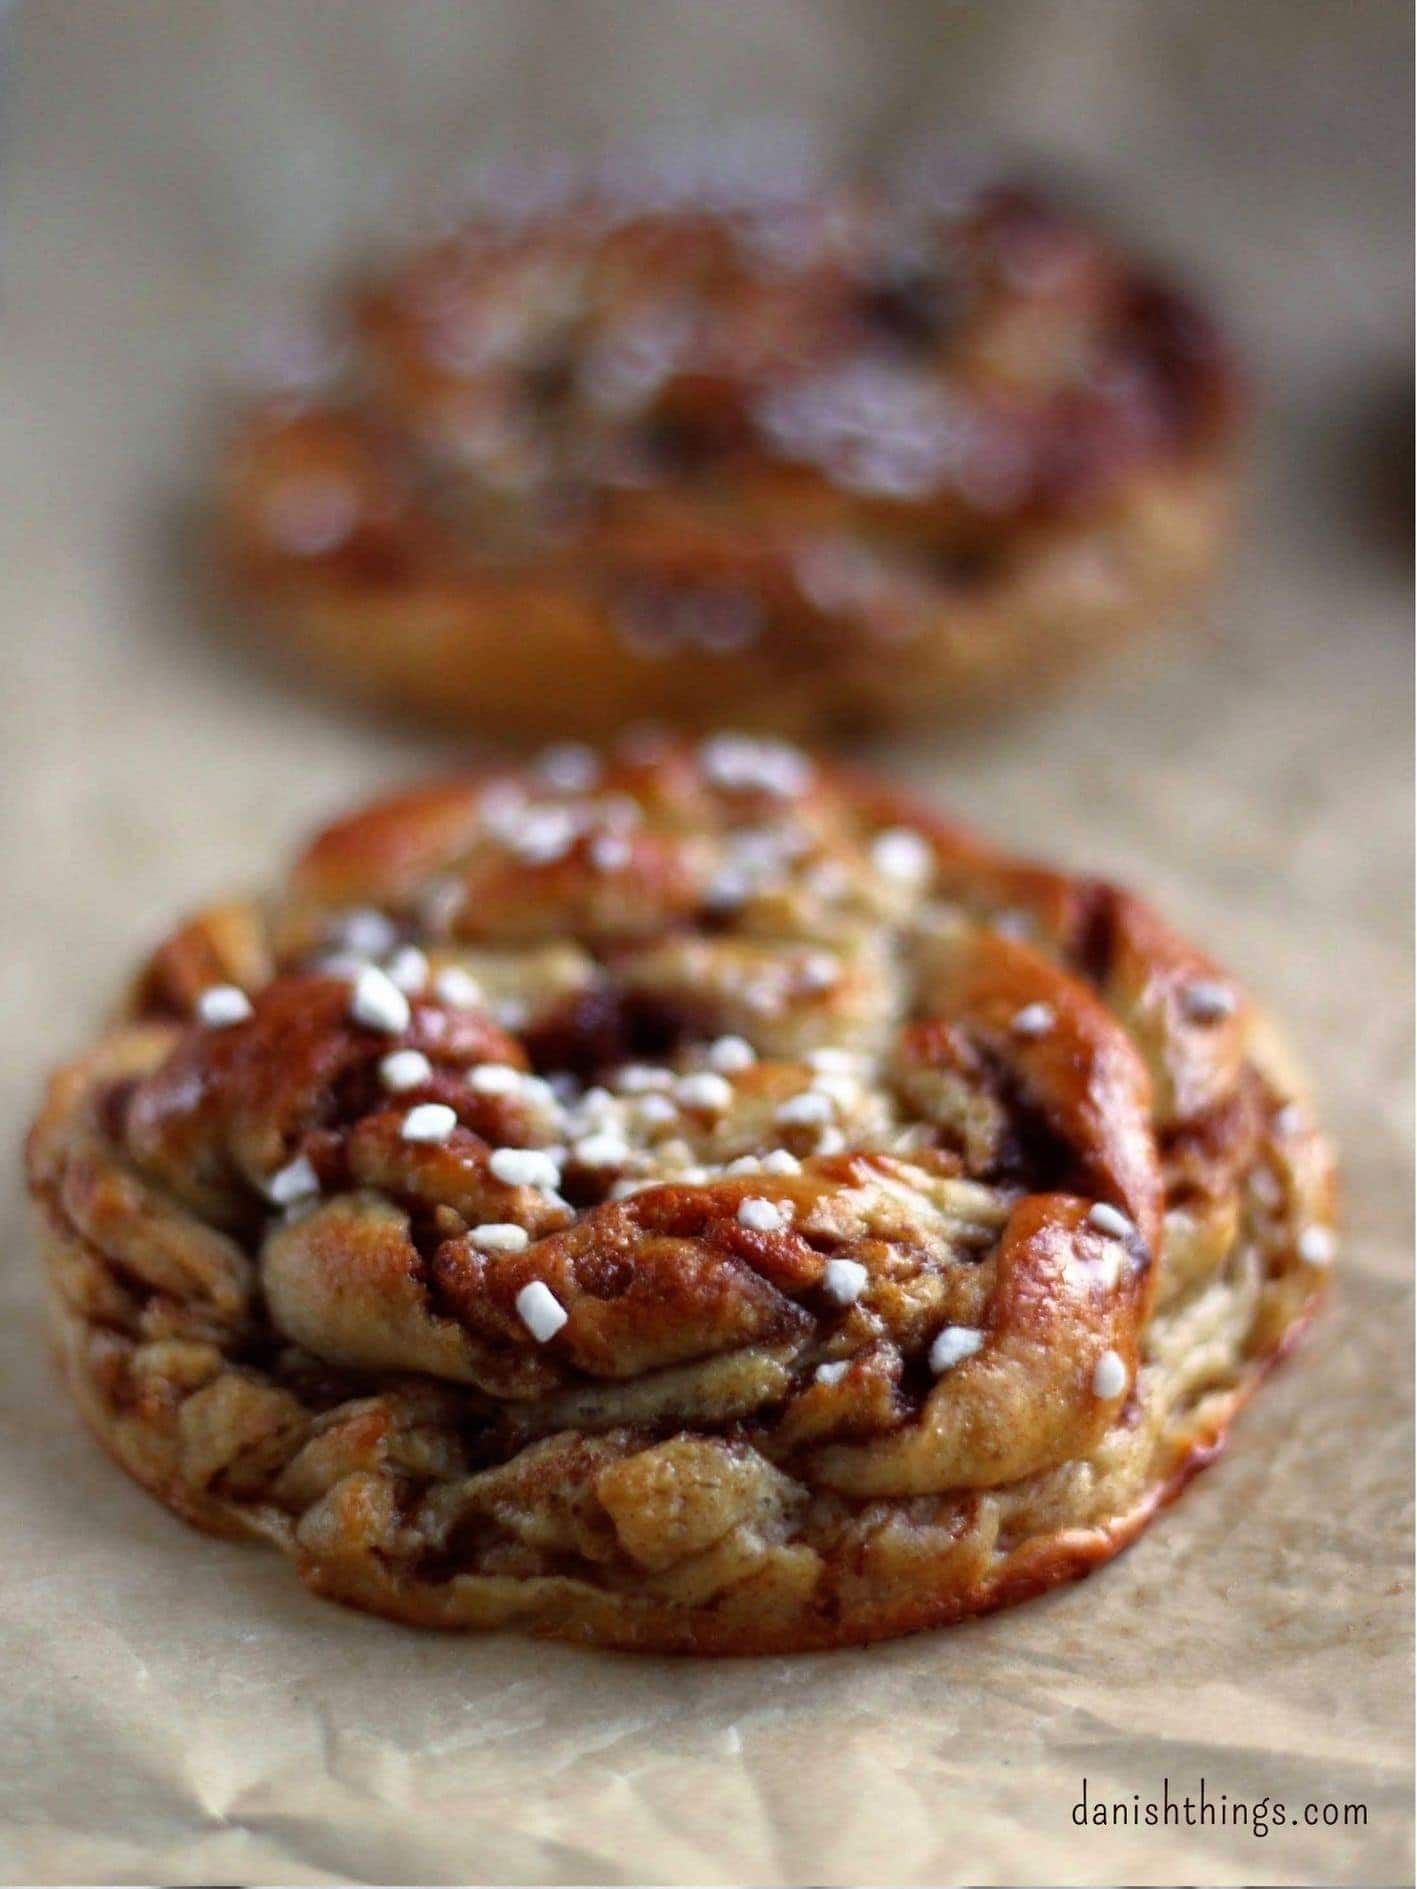 Kanelsnurrer - nemme og hurtige snurrer med kanelfyld. Lav de lækre kanelsnurrer til din brunch, en god kop kaffe eller tag dem med på picnic. Få tips og tricks til gærdejen og nemme snoninger. Find opskrifter, gratis print og inspiration til årets gang på danishthings.com #DanishThings #kanelsnurrer #kanelsnurre #kanel #snurrer #kage #gærdej #kardemomme #snegl #nem #hurtig #brunch #fødselsdag #bagsammen #bagsammenhverforsig